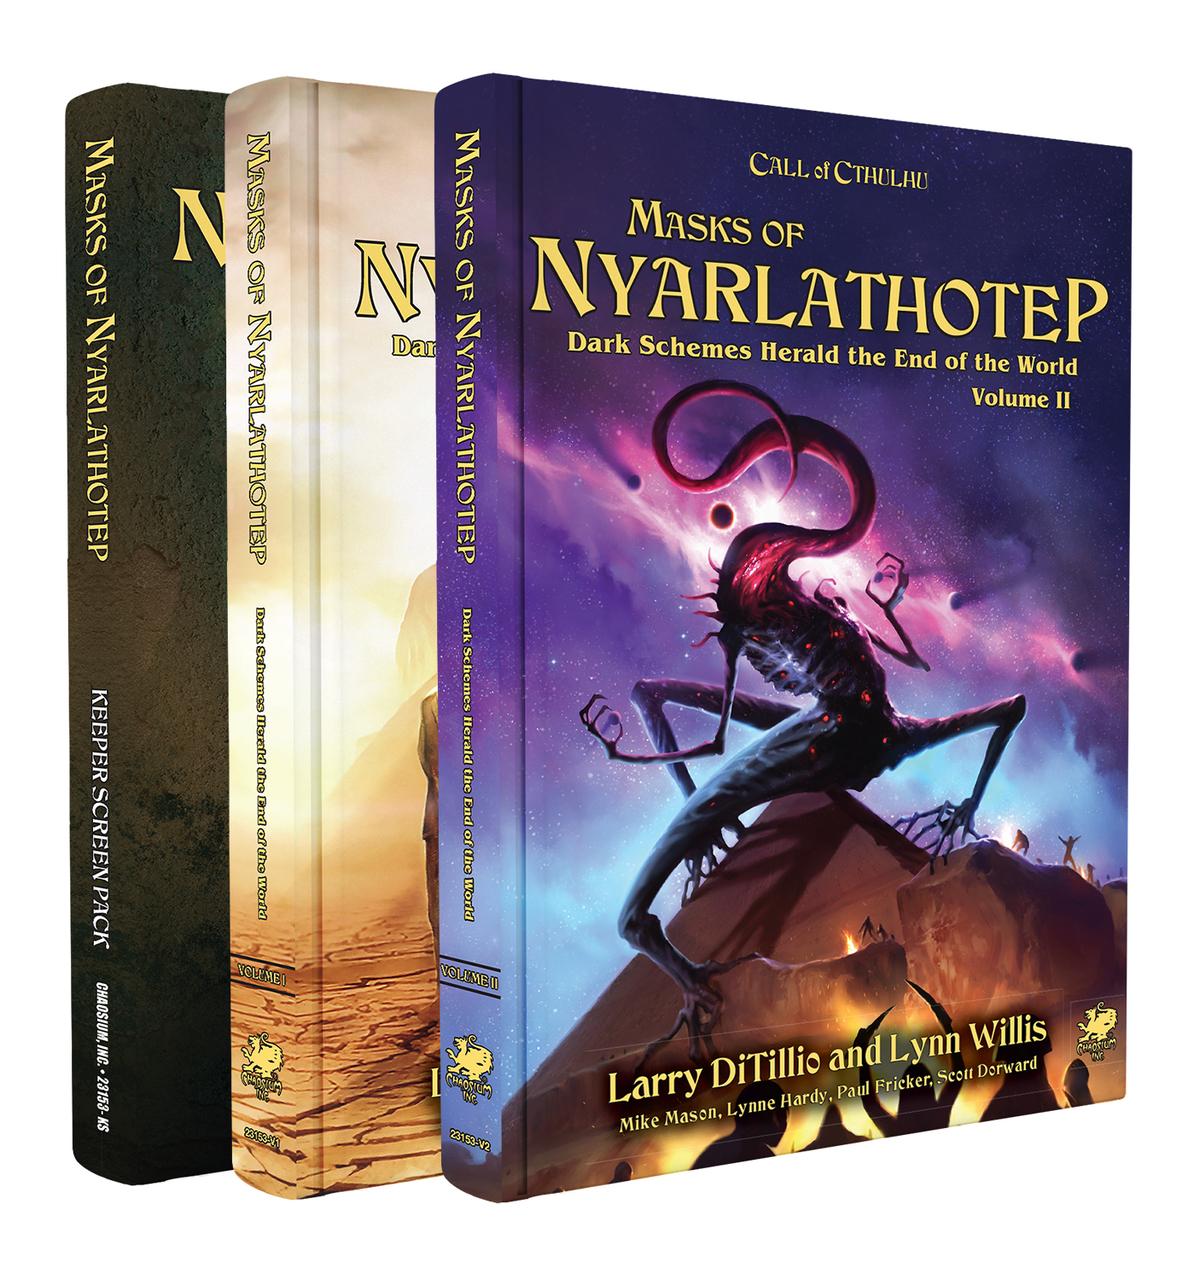 Call of Cthulhu: Masks of Nyarlathotep Slipcase Set